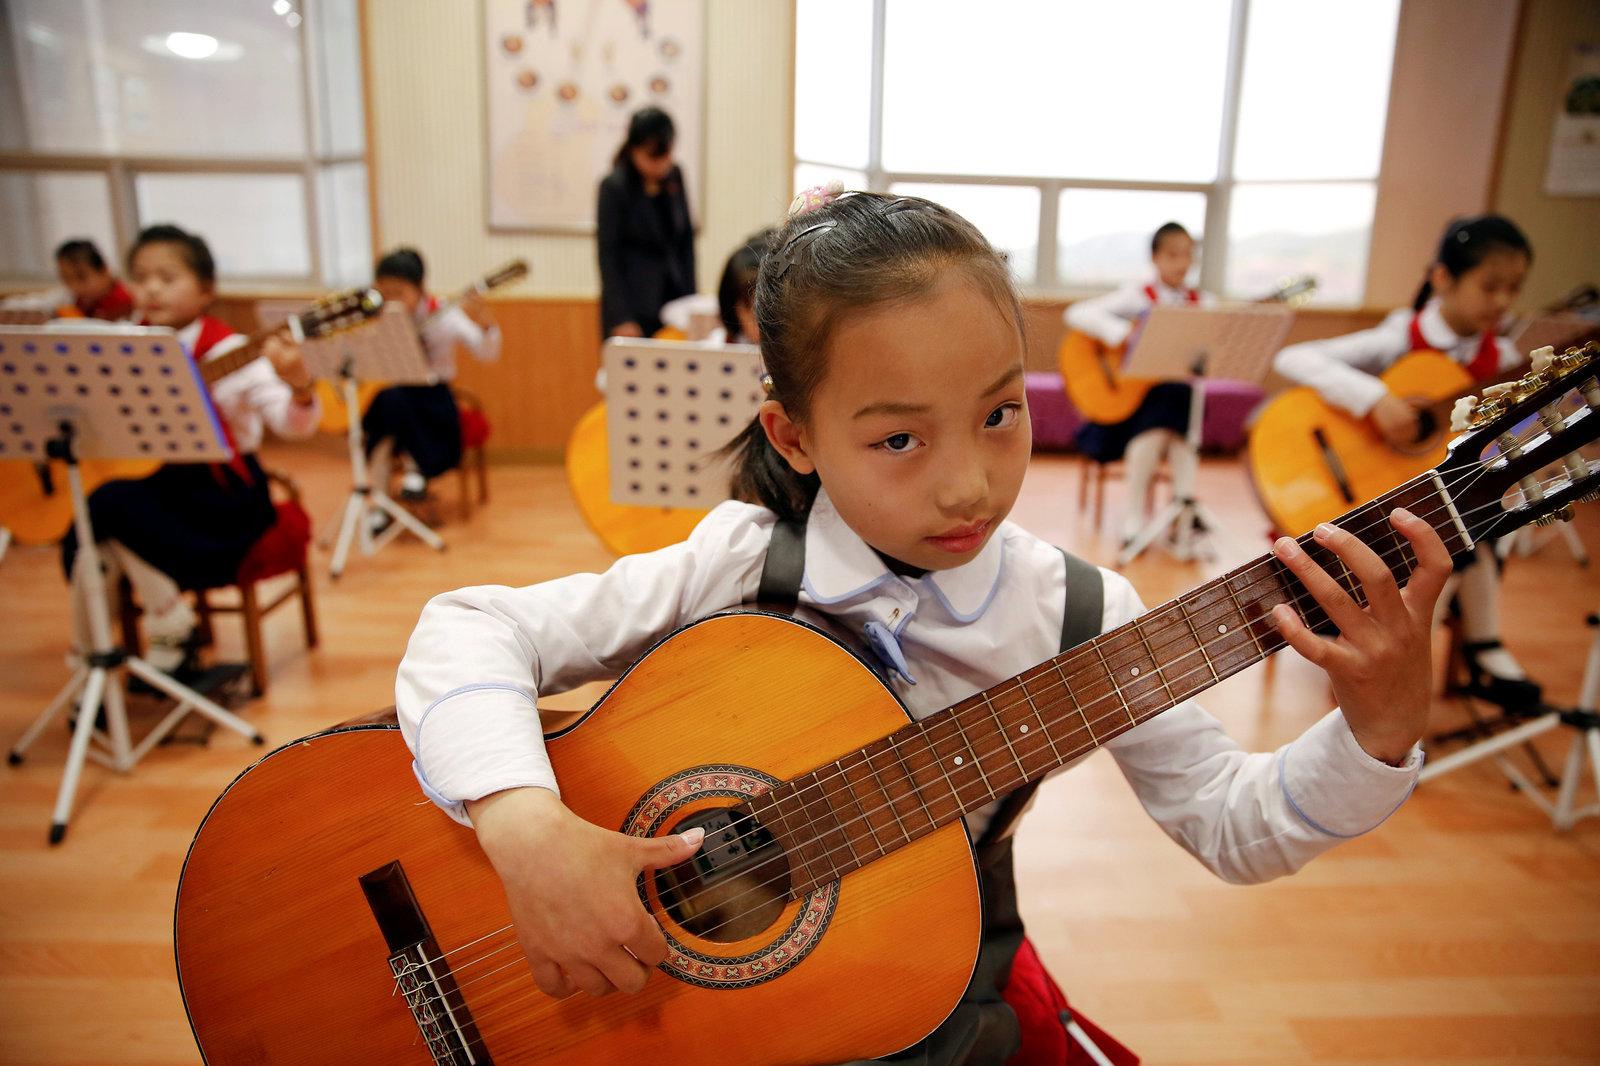 5 月 5 日,多名北韓女生在萬景台少年宮練習結他。